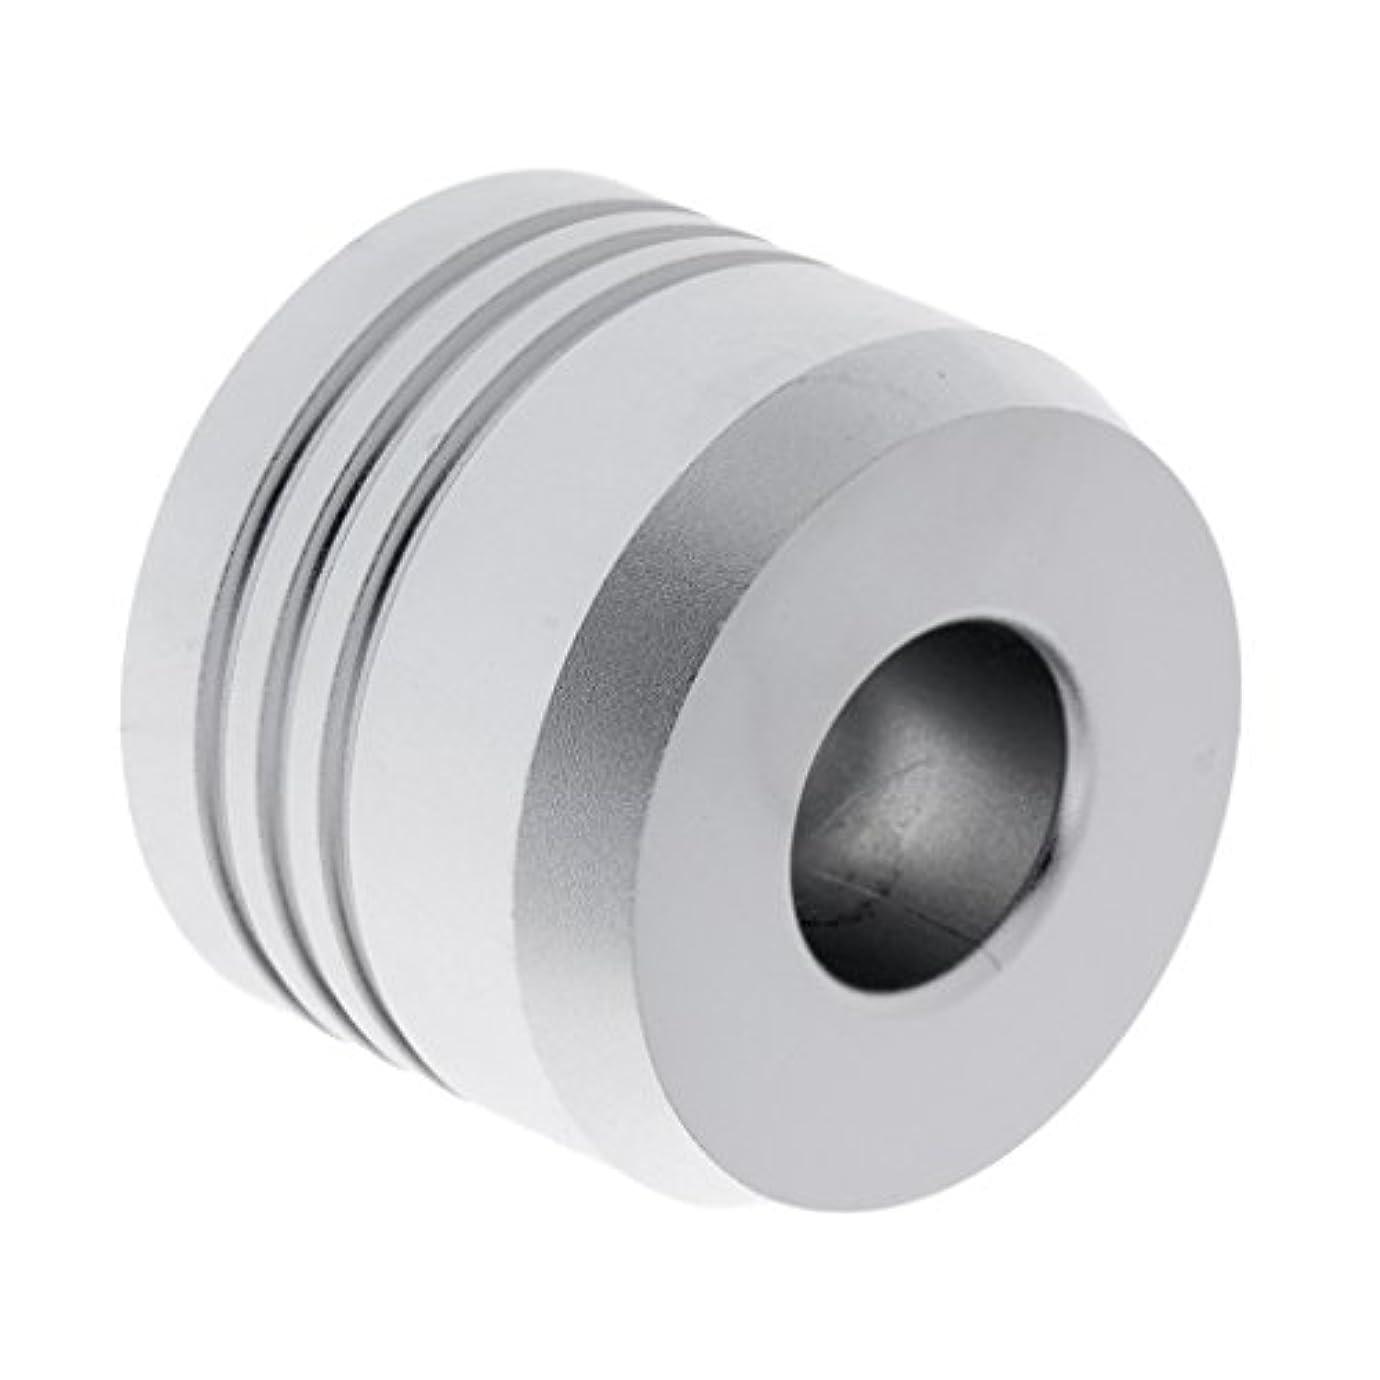 動力学スモッグフォーラムセーフティカミソリスタンド スタンド メンズ シェービング カミソリホルダー サポート 調節可能 シェーバーベース 2色選べ - 銀